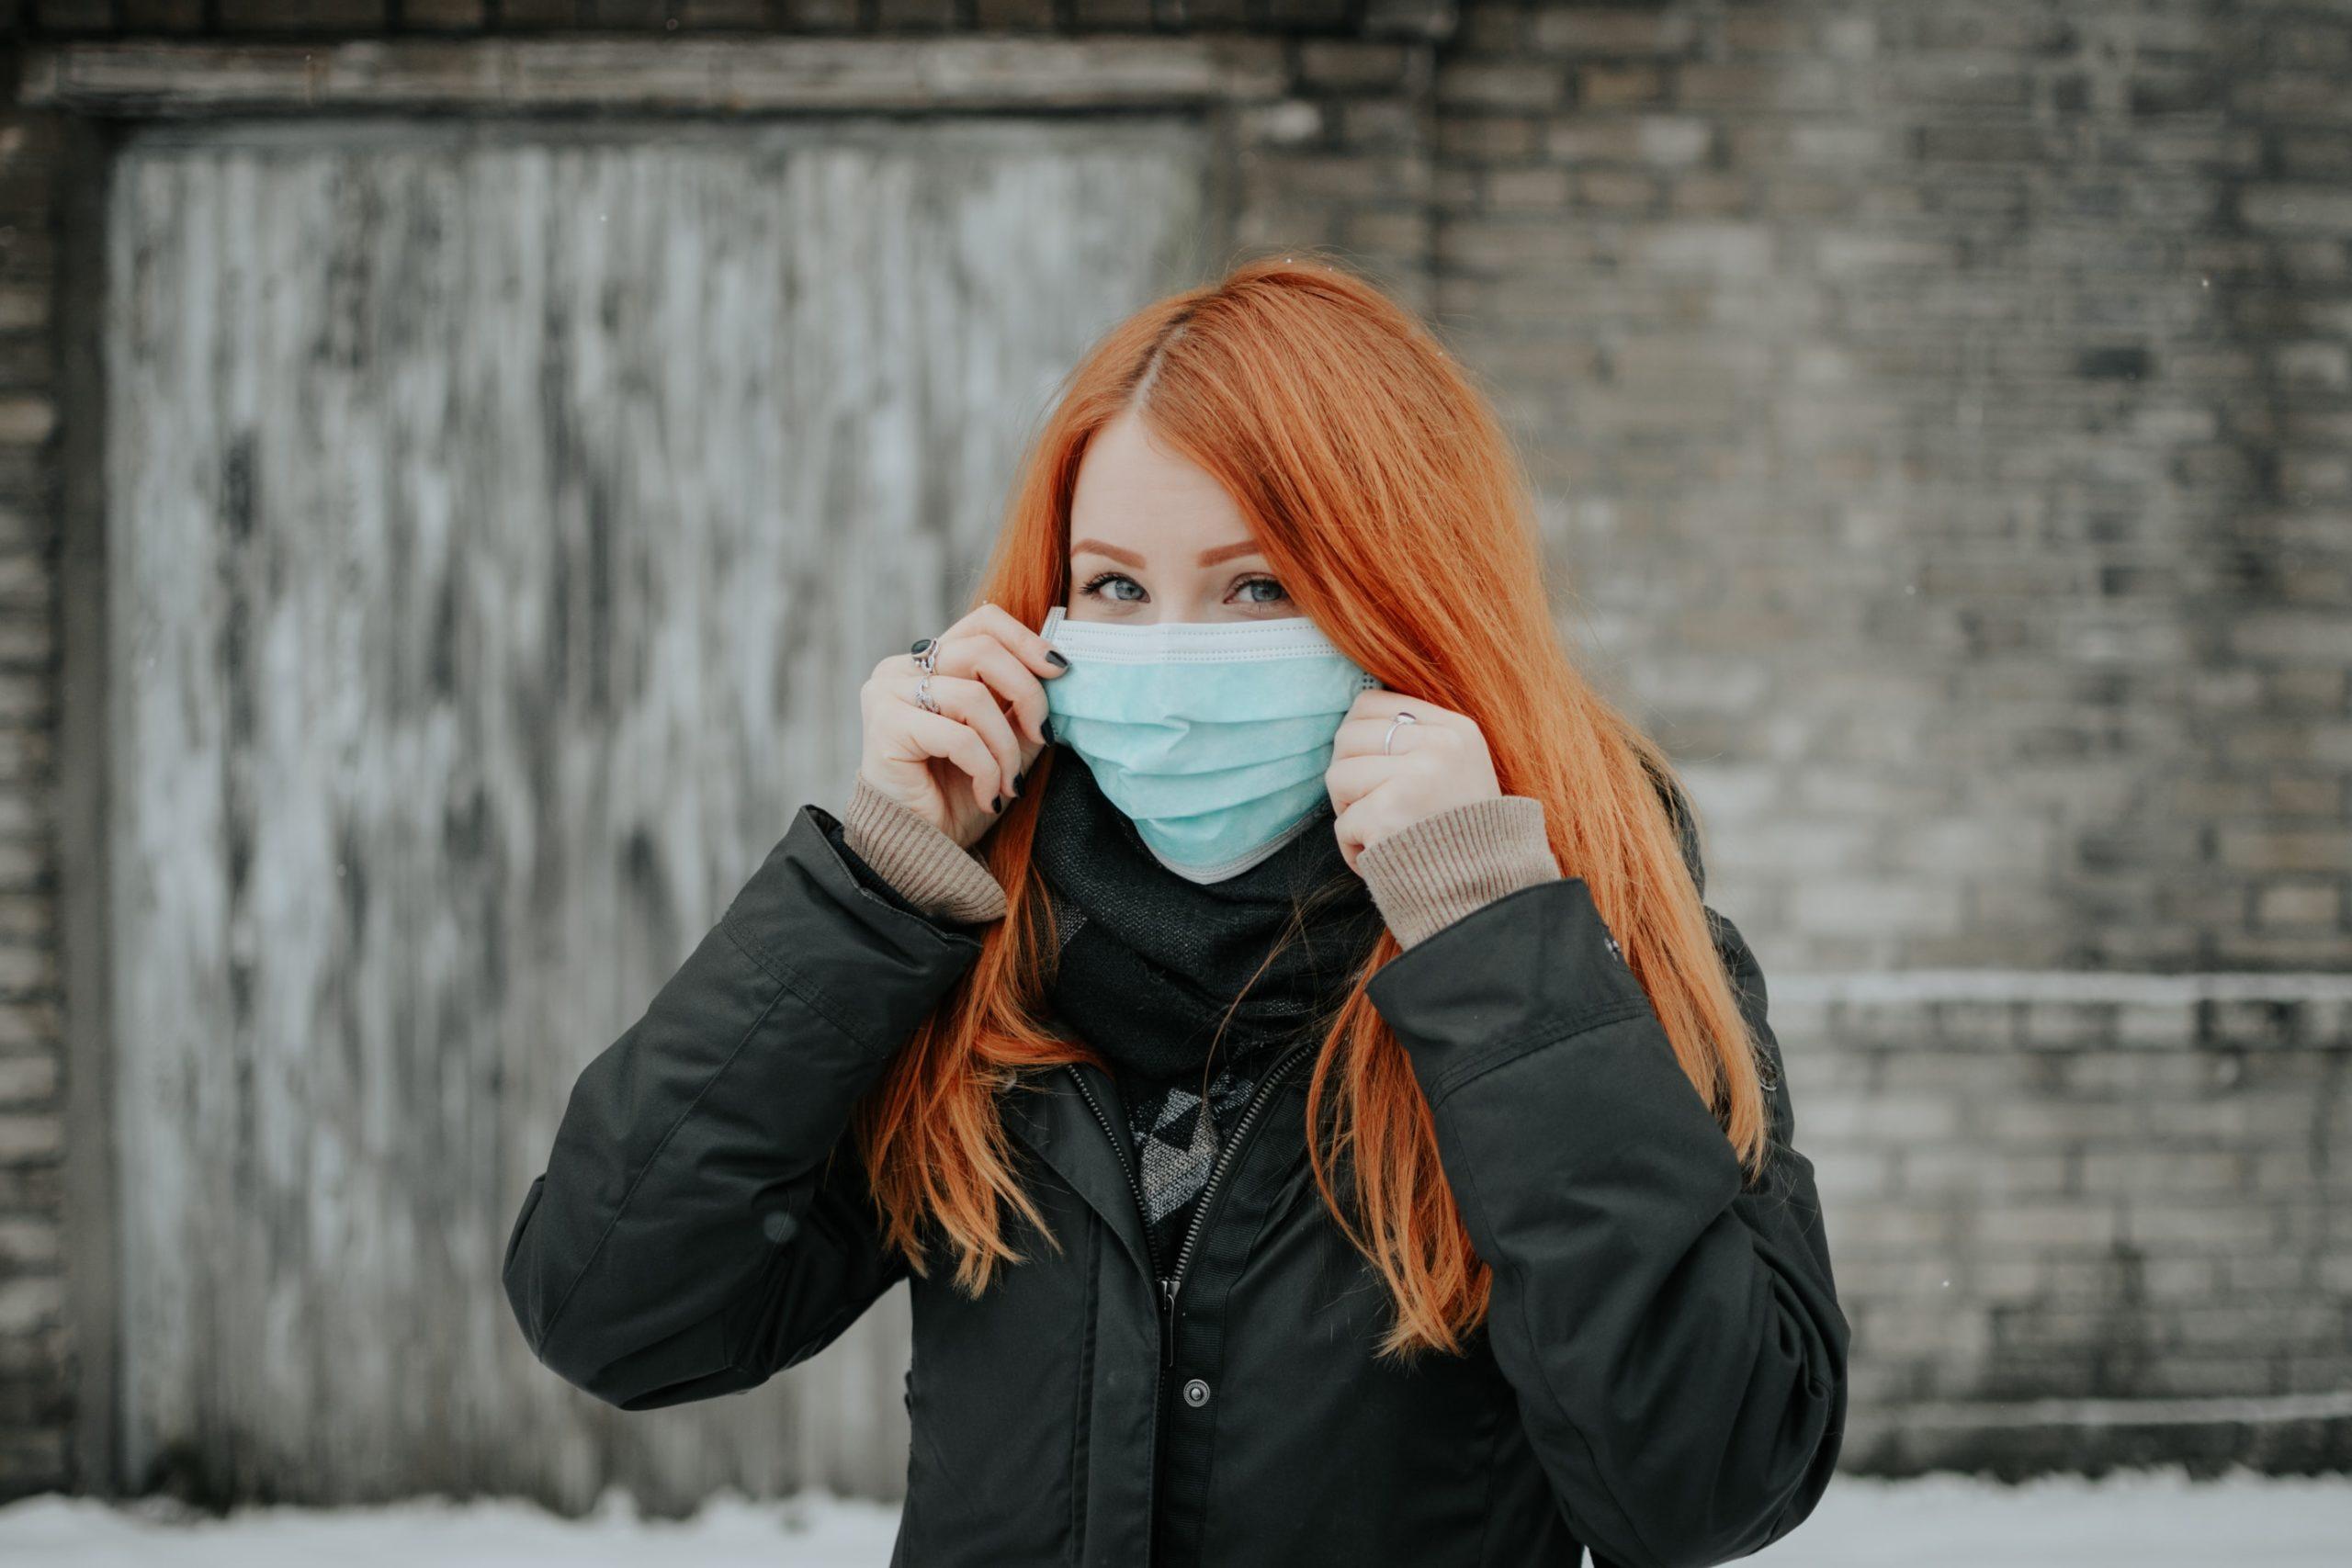 Maski ochronne. Jak bezpiecznie nosić, prać i dezynfekować?